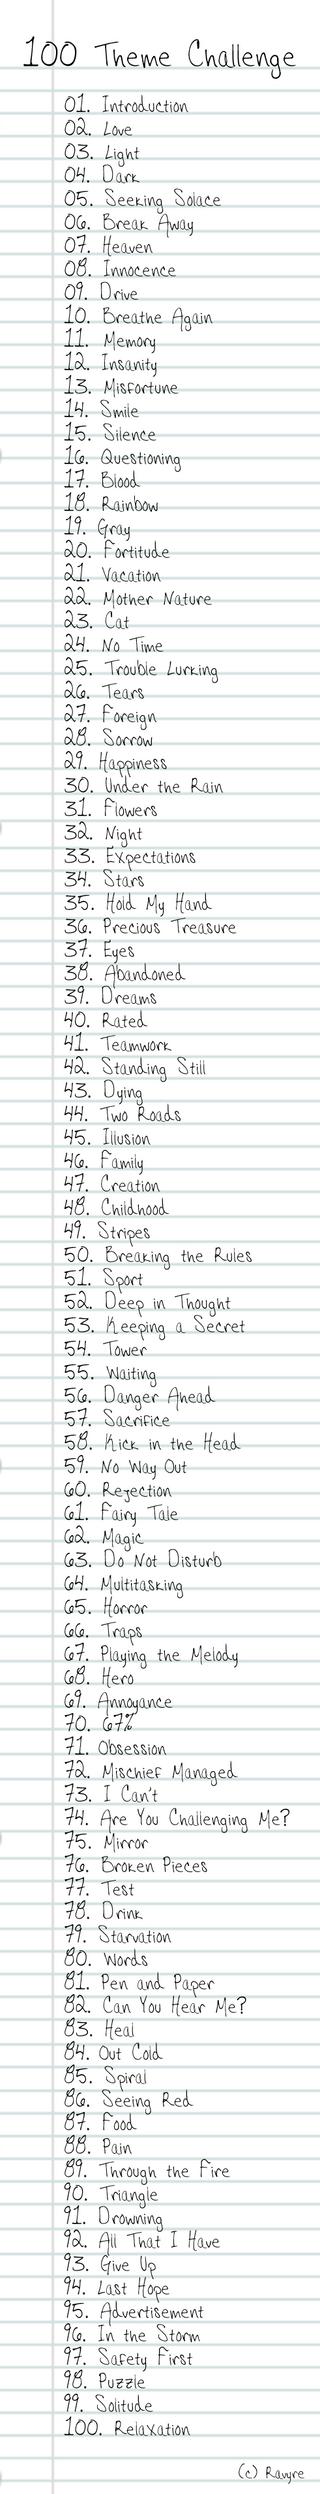 100 Theme Challenge List by Ravyre